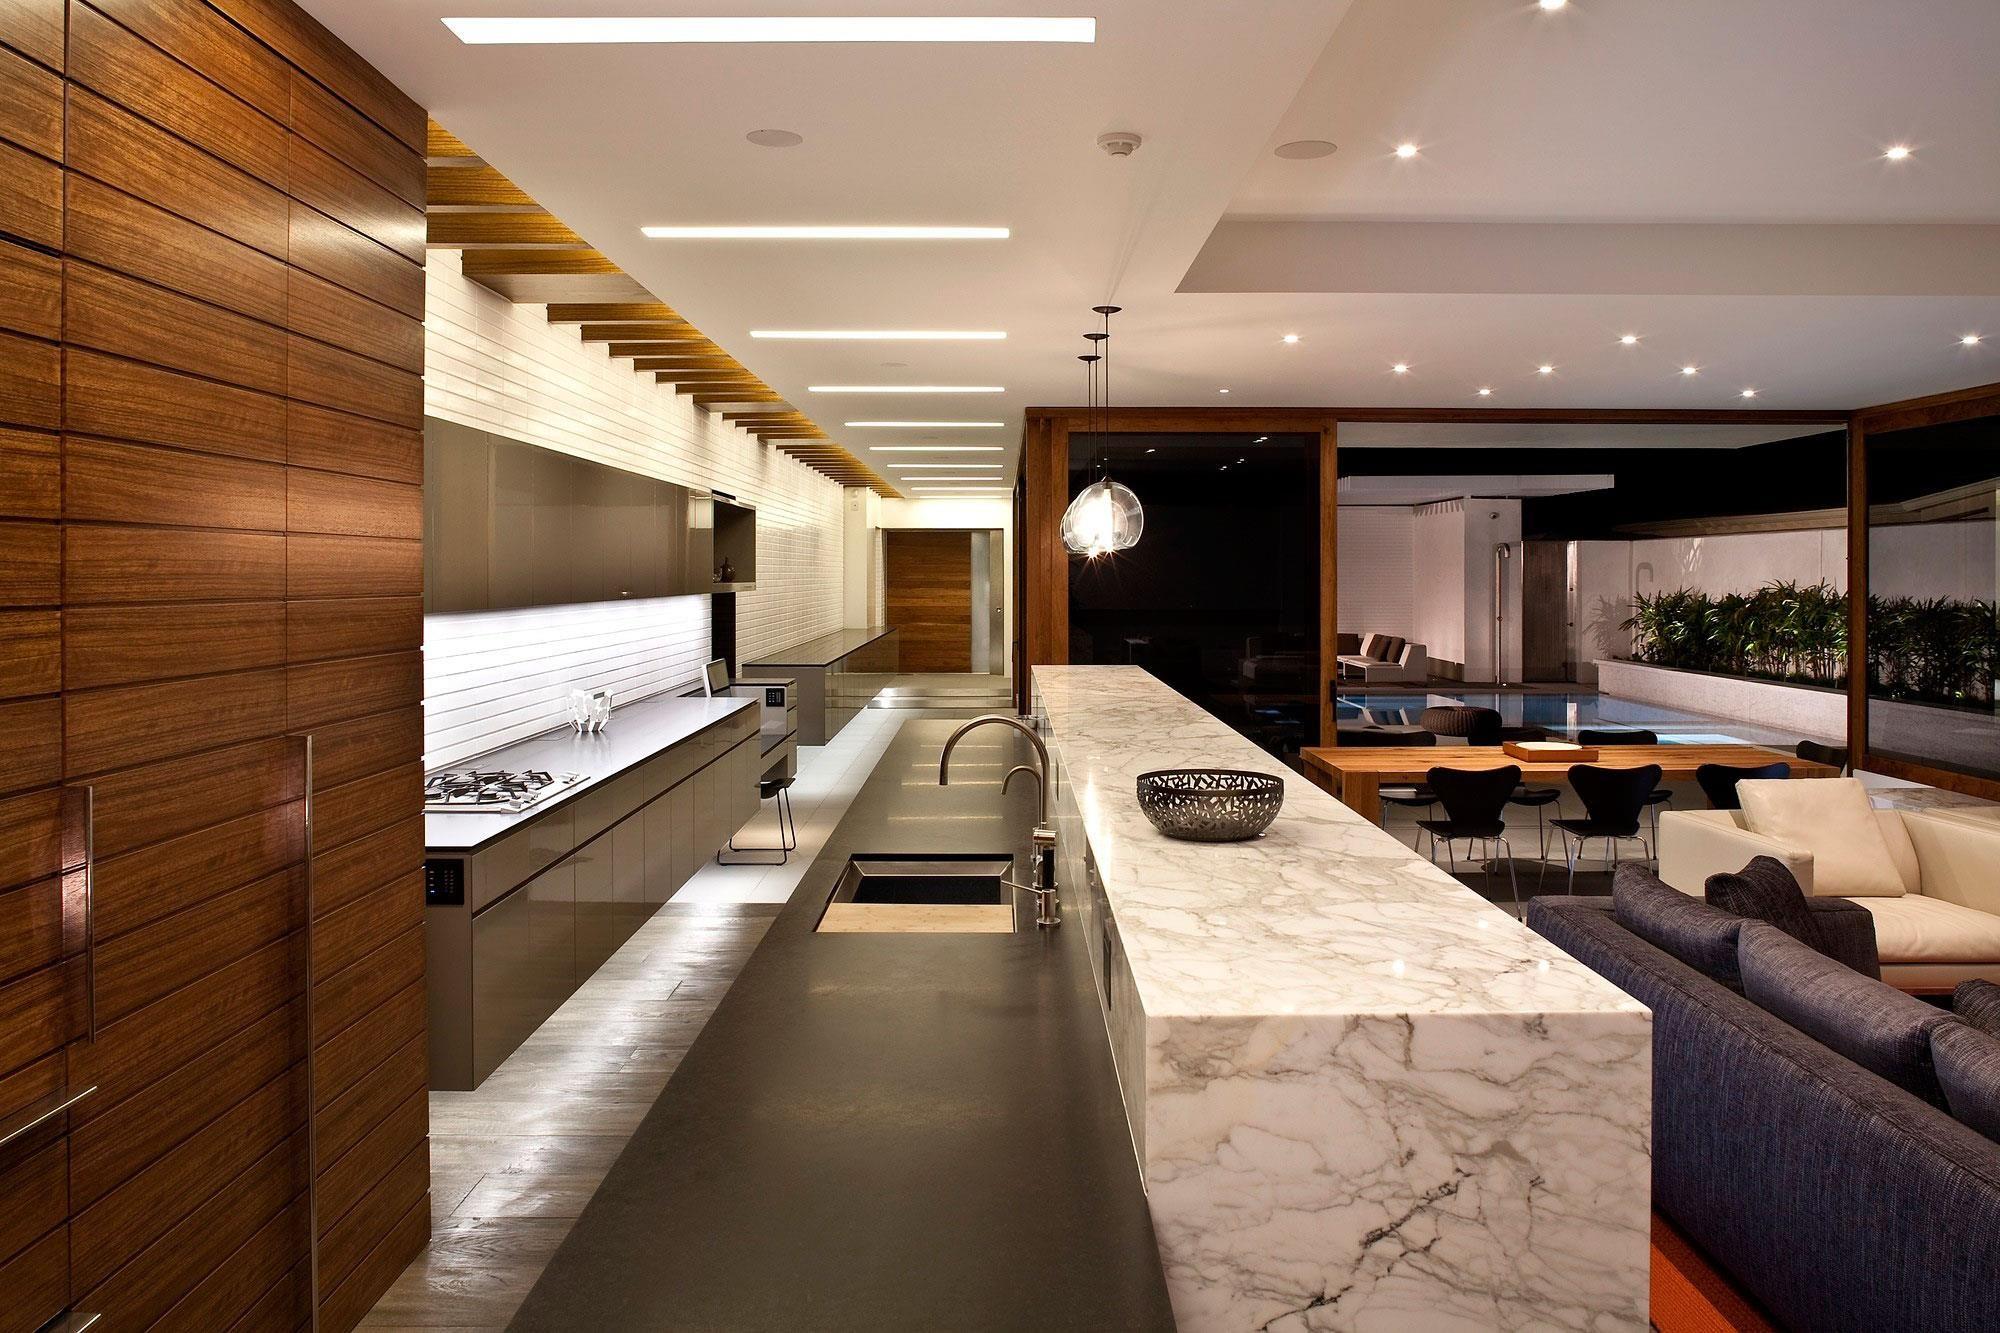 Lujosa arquitectura moderna con elegante dise o de for Casa minimalista harborview hills